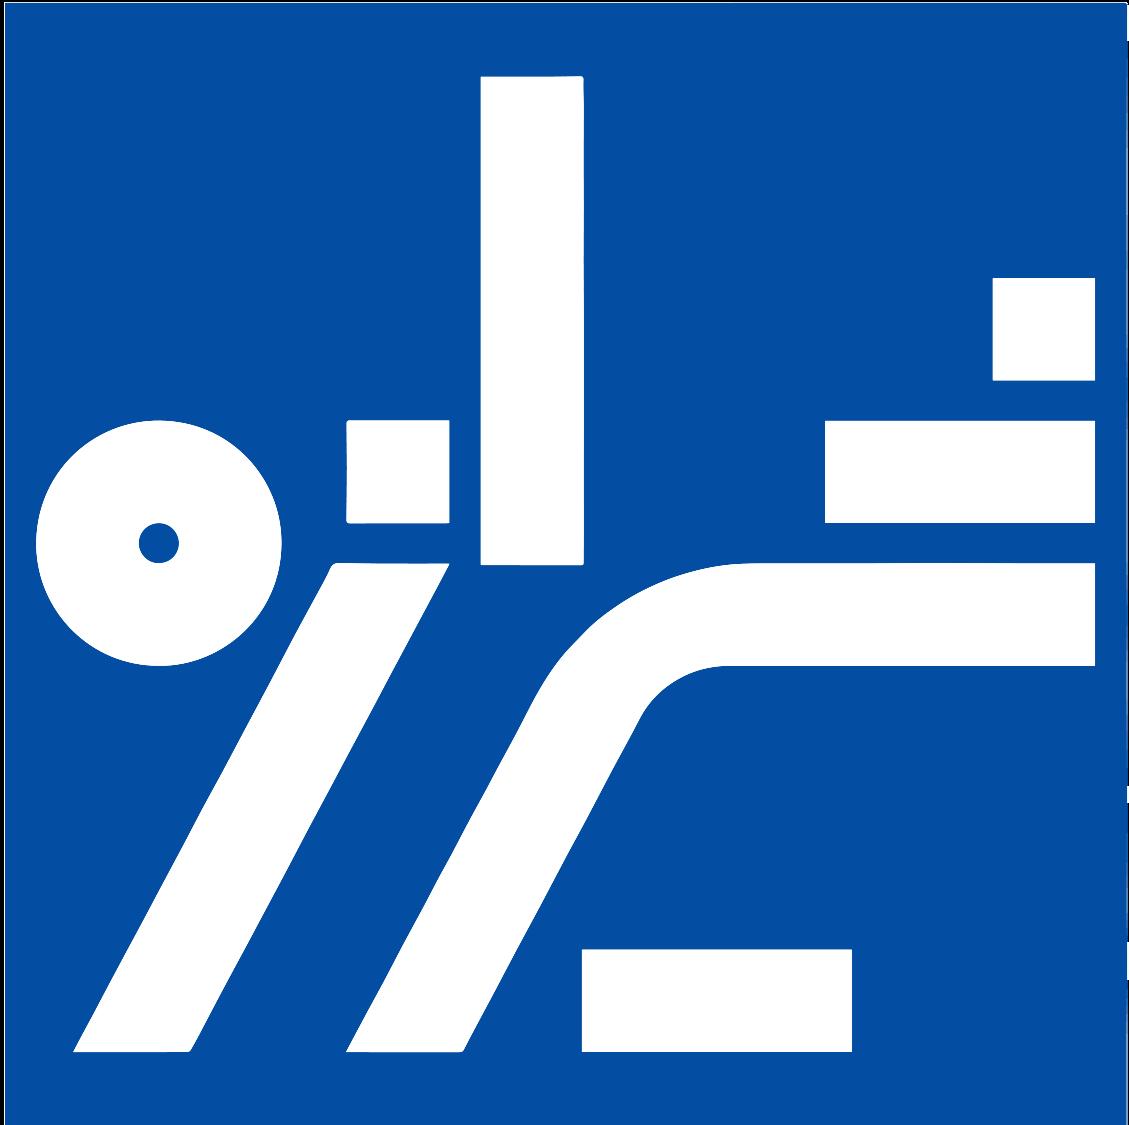 فروشگاه اینترنتی شیرازه کتاب ما